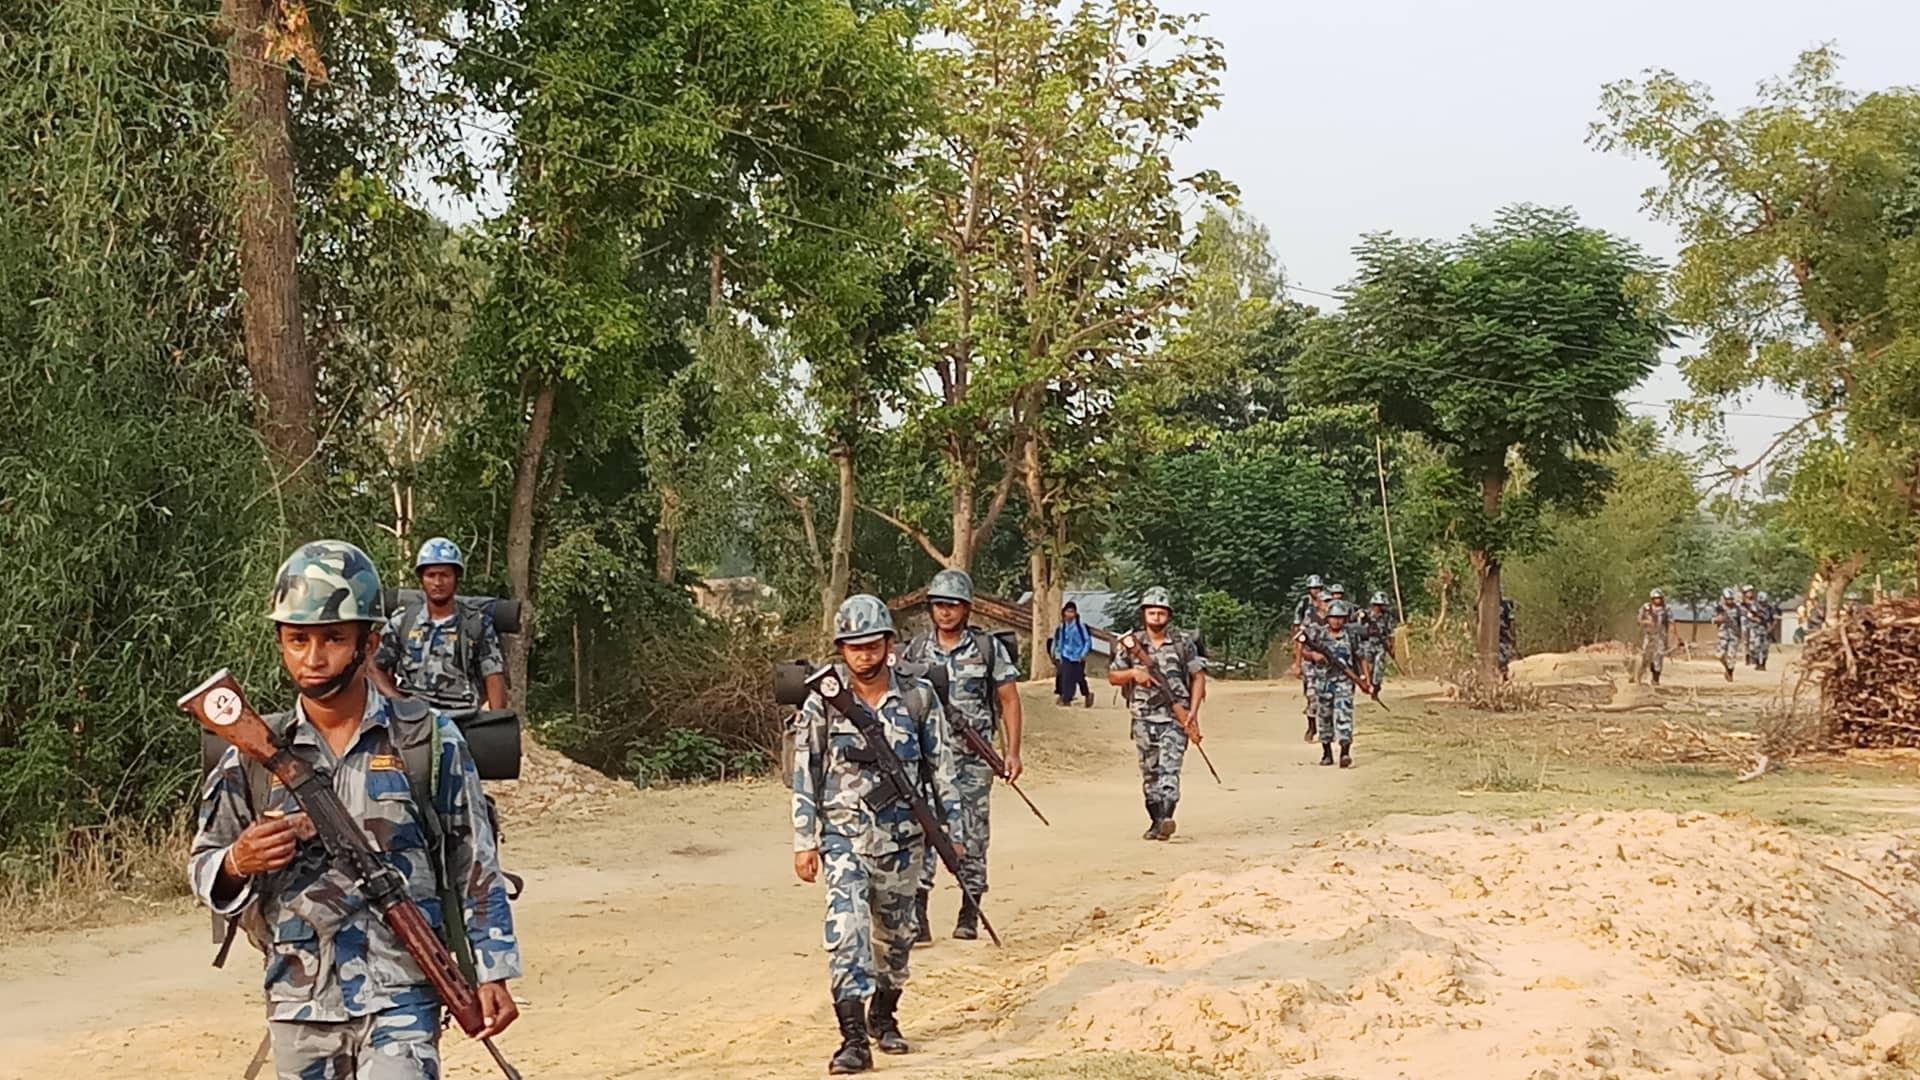 लकडाउन प्रभावकारी बनाउन सीमा क्षेत्रमा थप निगरानी, छ हजार सशस्त्र प्रहरी परिचालन